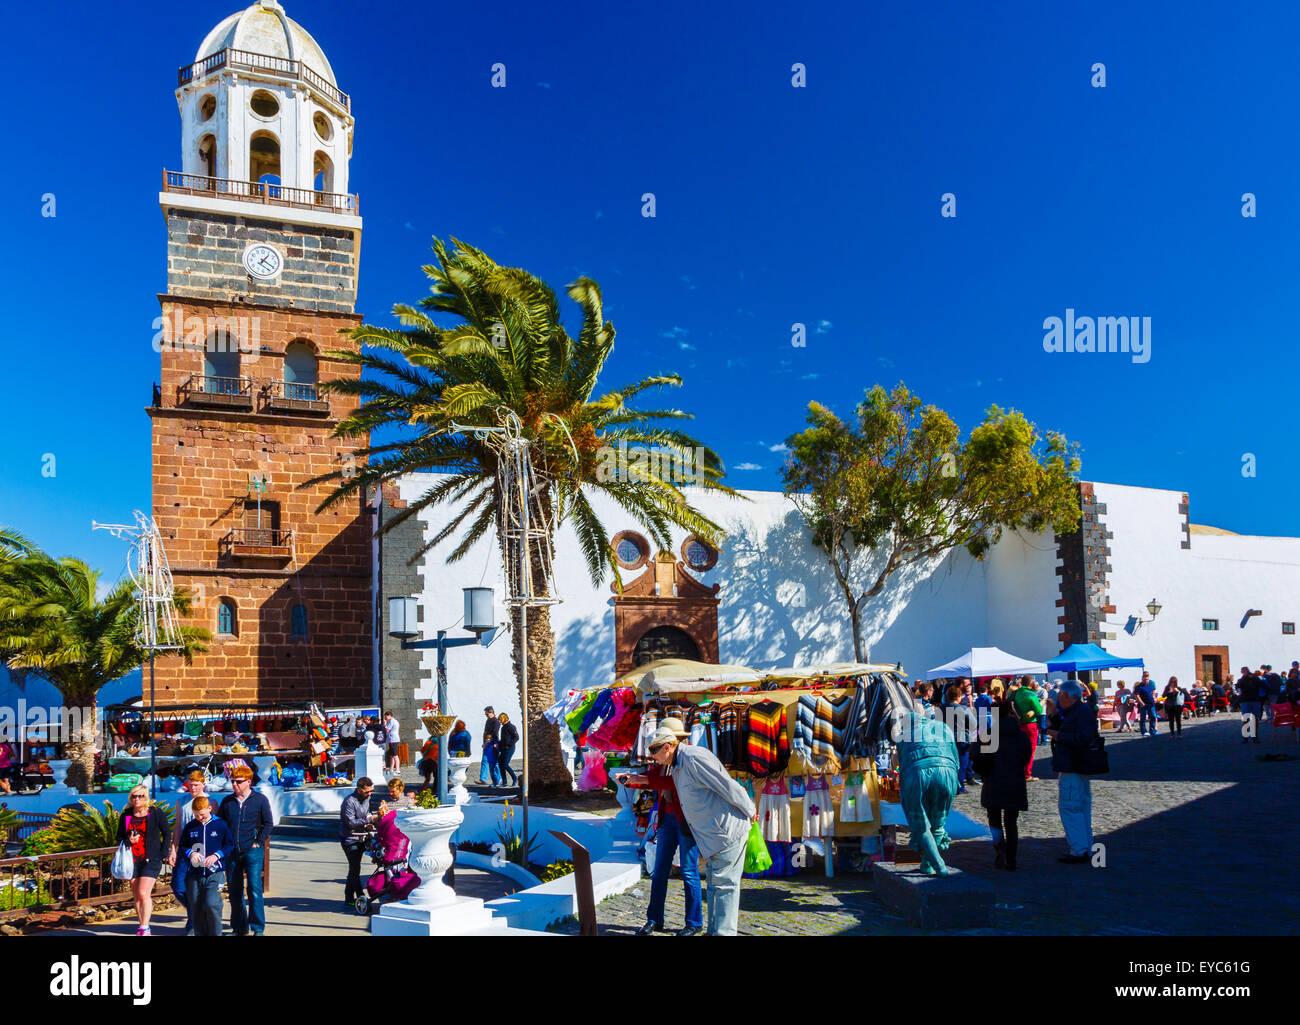 Markt und Kirche Nuestra Señora de Guadalupe. Teguise. Lanzarote, Kanarische Inseln, Spanien, Europa. Stockbild